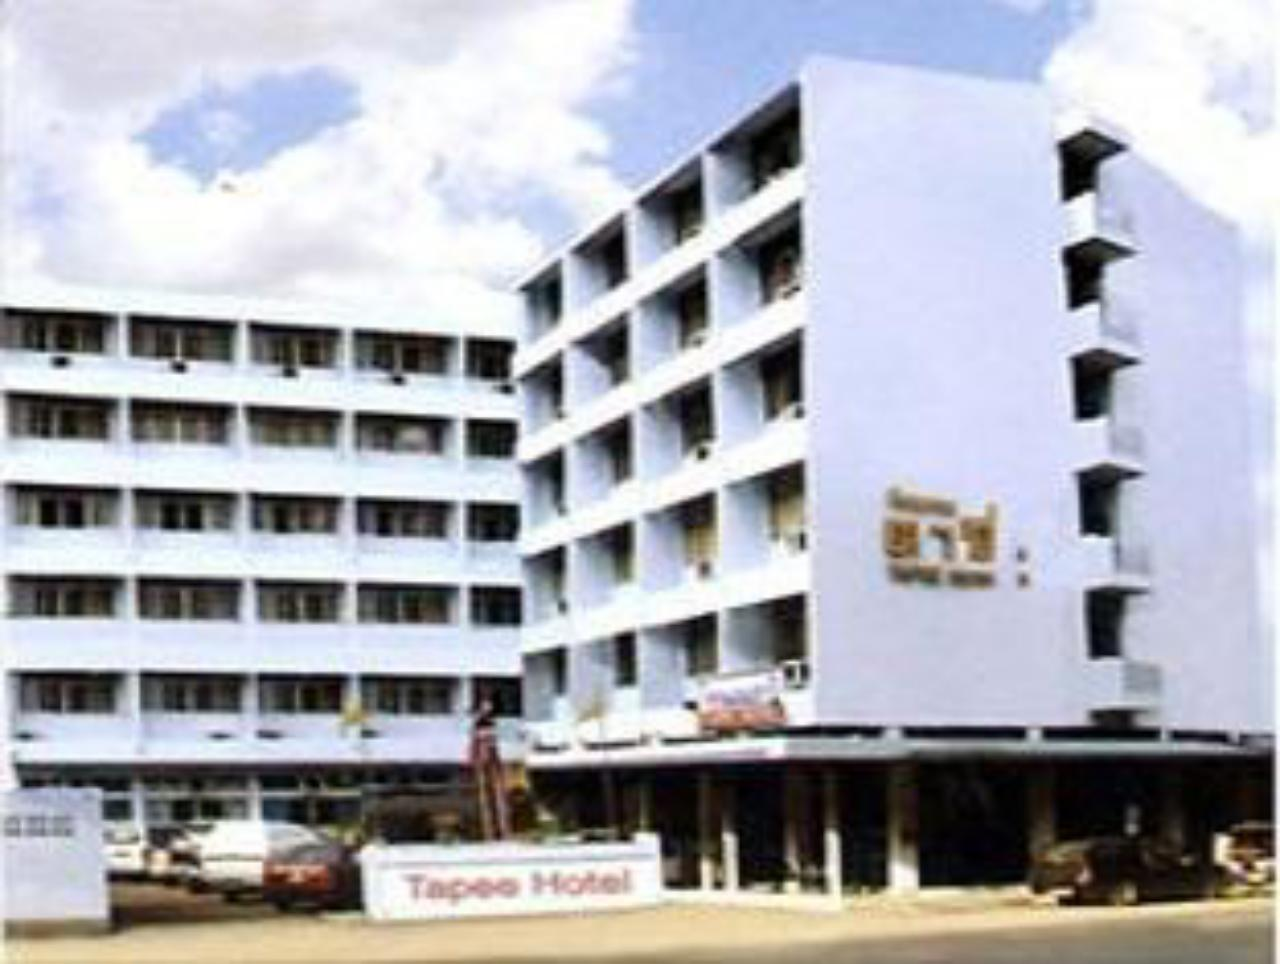 โรงแรมตาปี (Tapee Hotel)